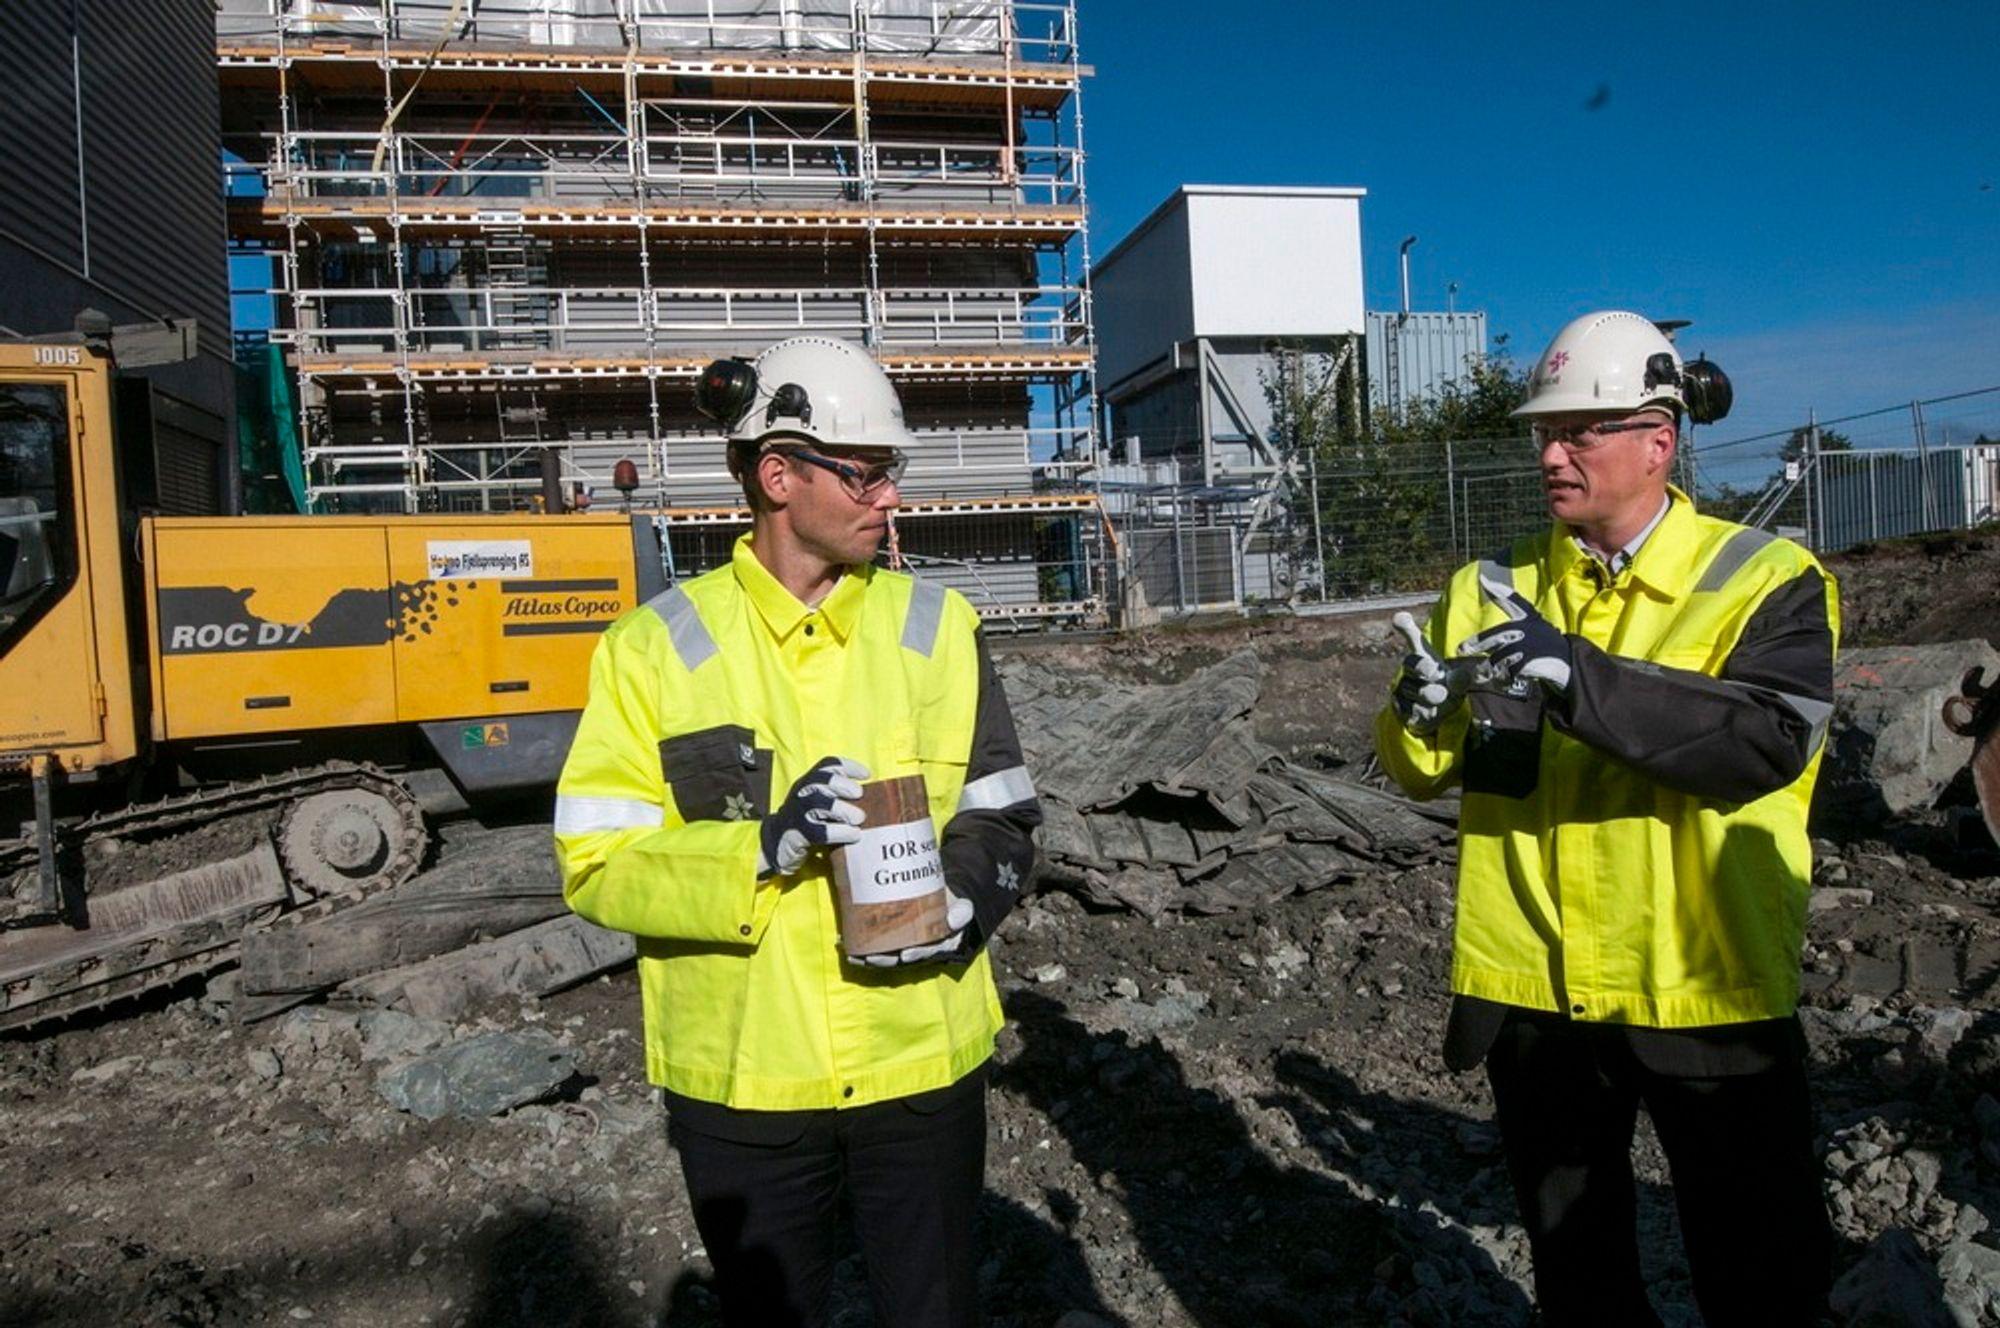 Olje- og energiminister Ola Borten Moe legger ned grunnstenen på det nye forskningsenteret til Statoil i Trondheim. T.h. forskningsdirektør Lars Høier.